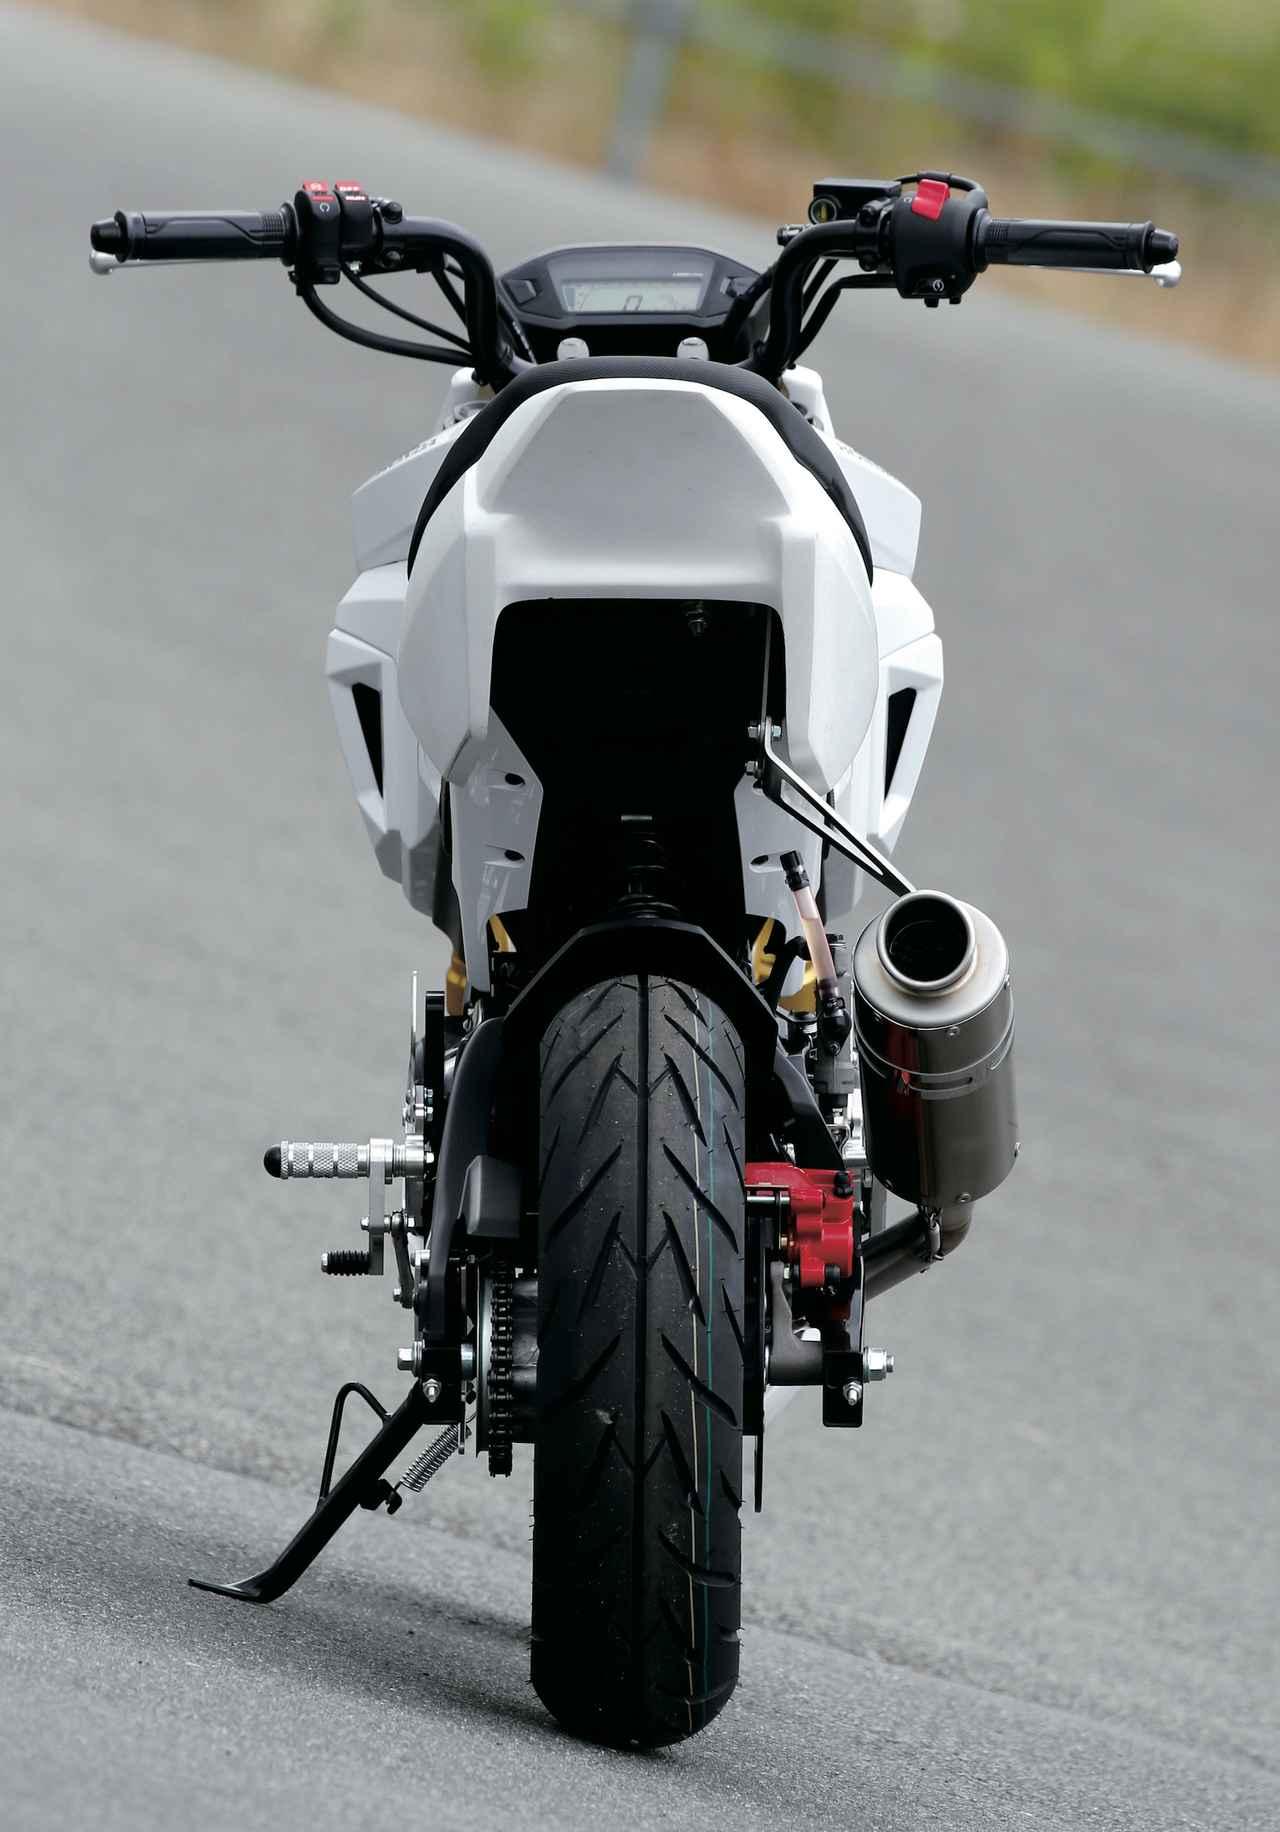 画像: ライト類が取り外され、シャープな印象になっているリアビュー。サイドスタンドの取り外しはミニバイク界の常識らしいが、それは今後の課題ということで。